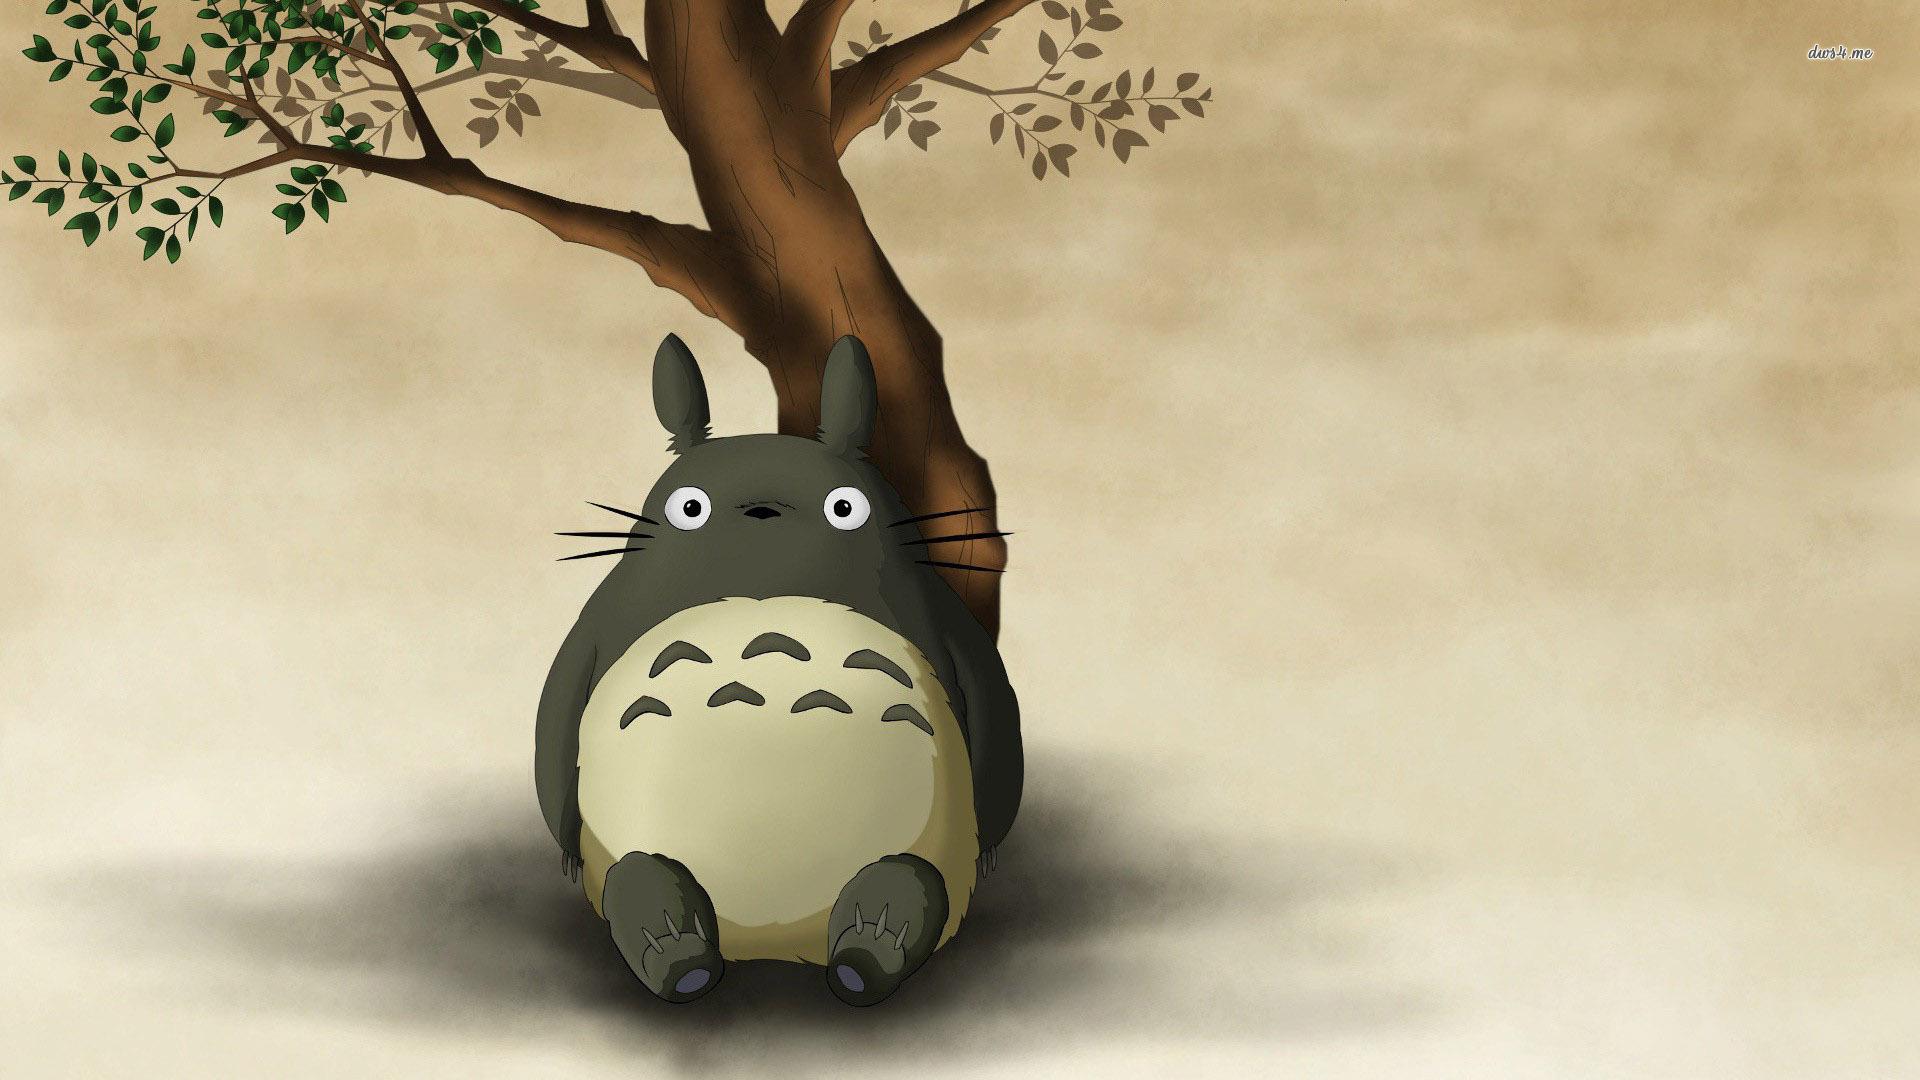 Totoro Wallpaper Hd - WallpaperSafari Hd Wallpaper 1920x1080 Rare